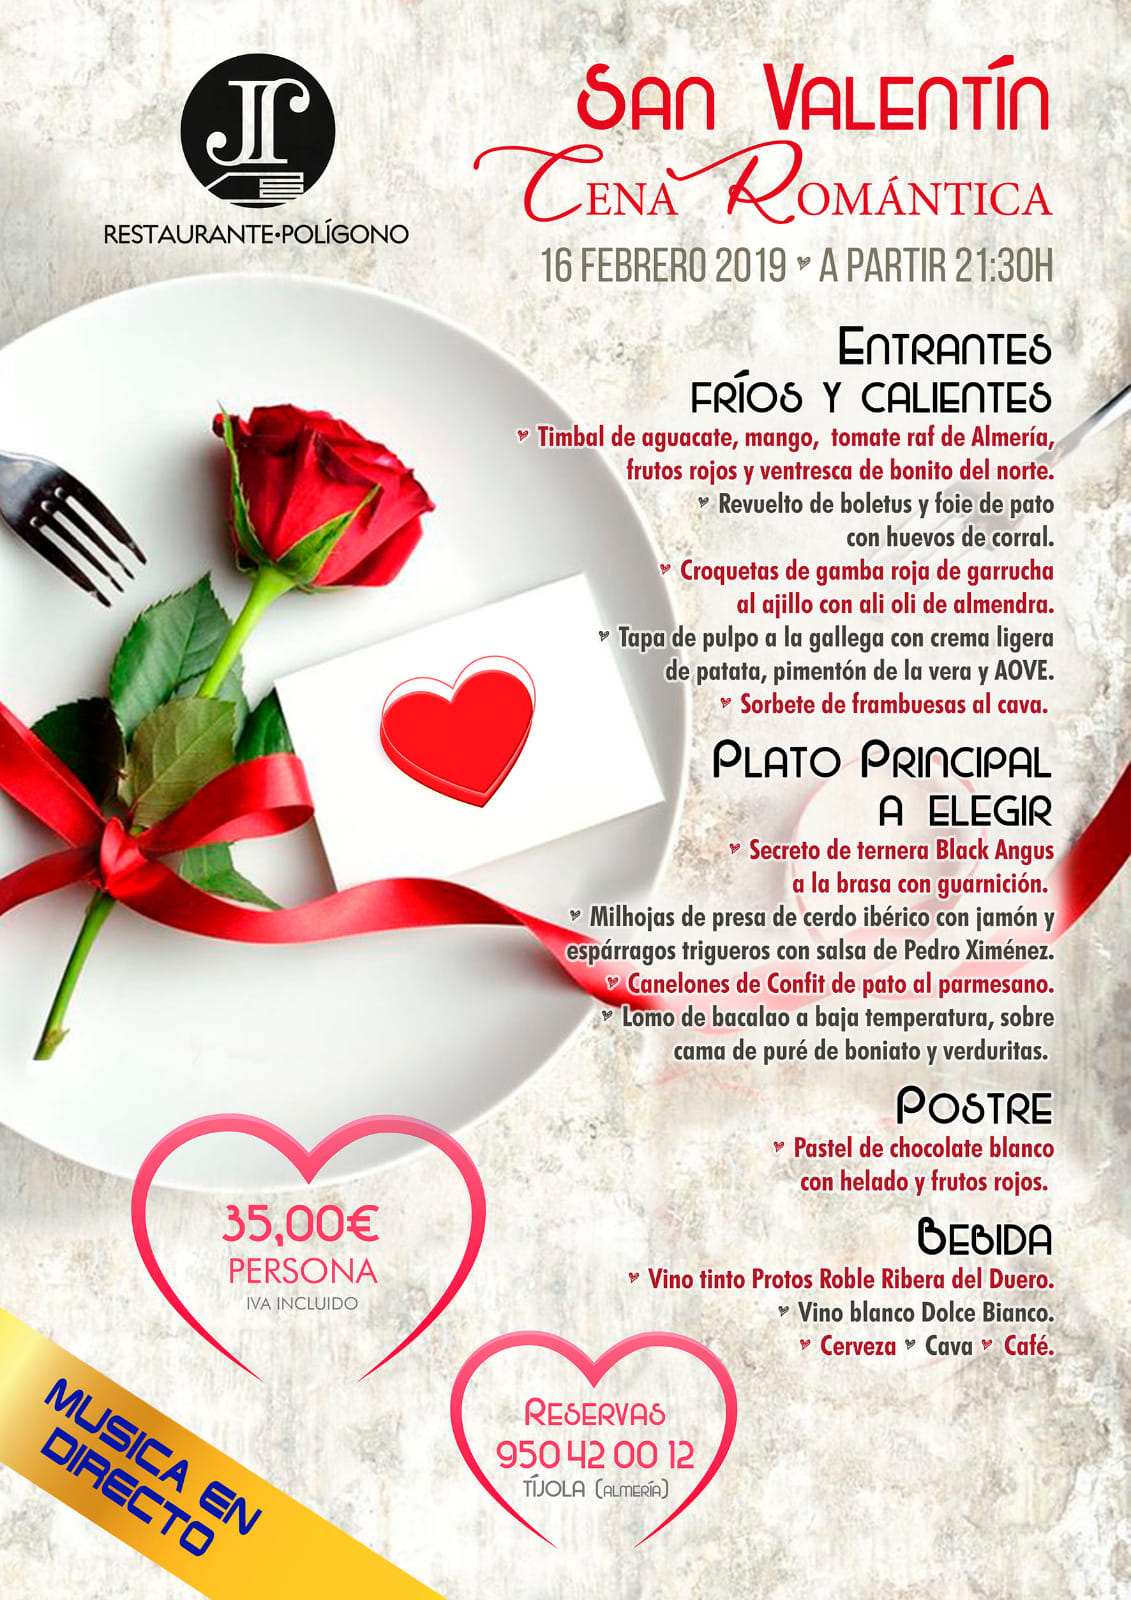 Restaurante El Poligono de Tíjola